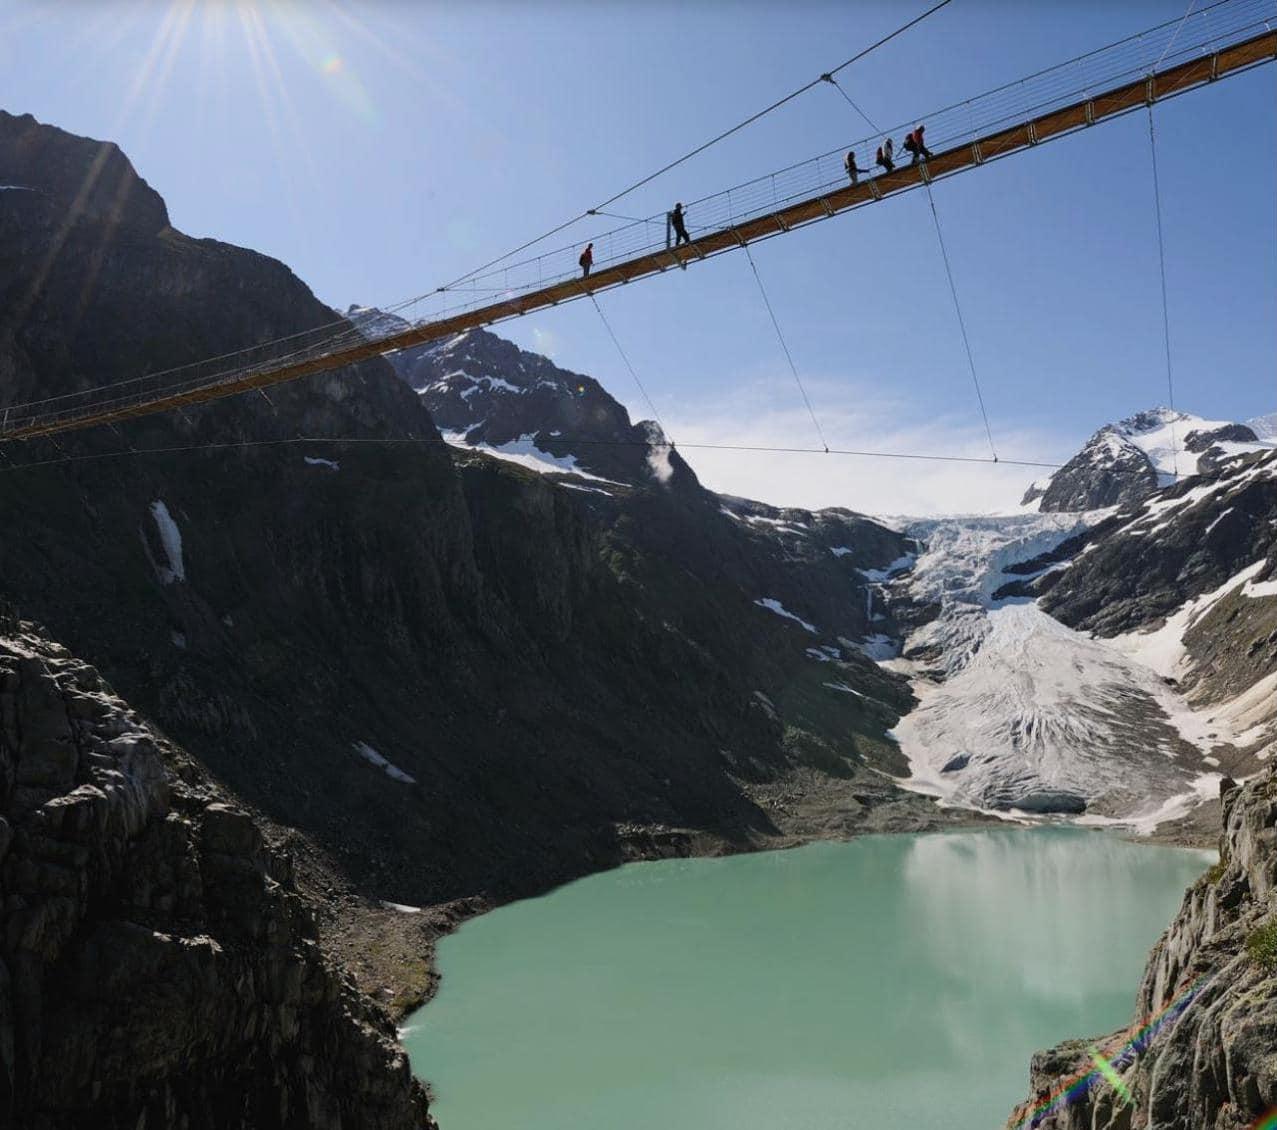 트리프트 빙하 및 트리프트 다리(Trift Bridge) 그리고 호수 풍경, Image - Grimselwelt